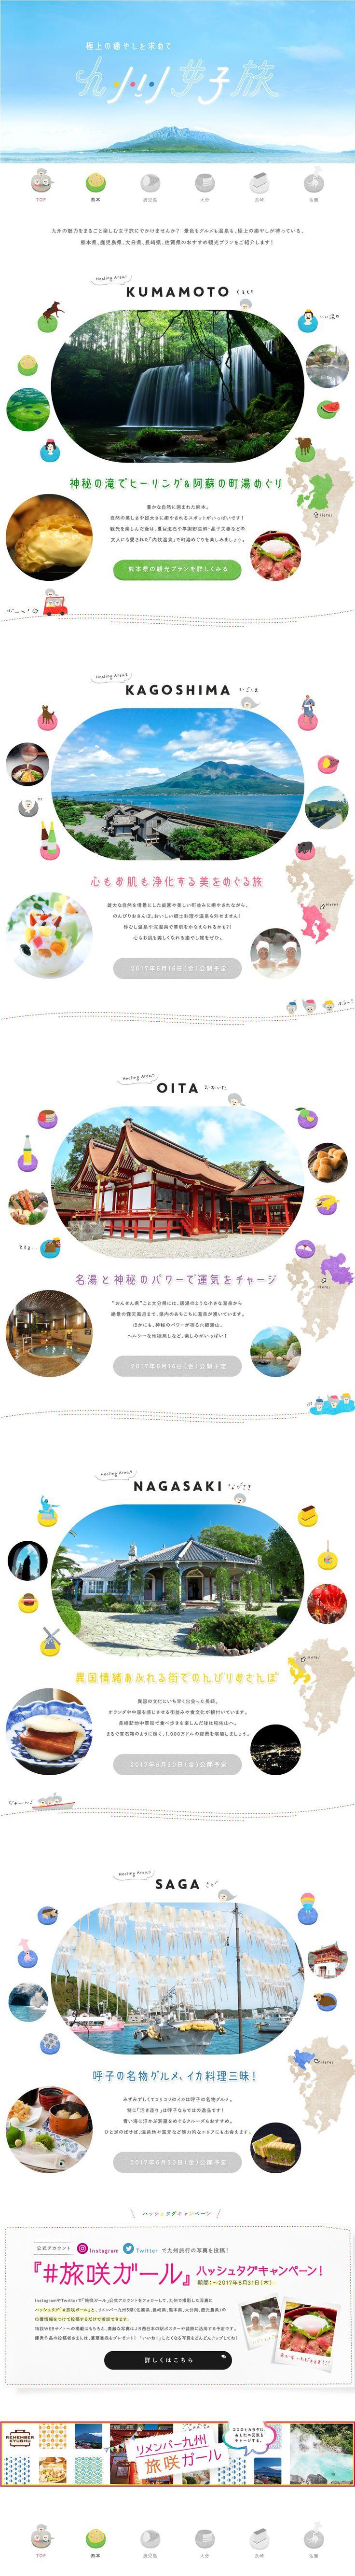 極上の癒やしを求めて 九州女子旅|WEBデザイナーさん必見!ランディングページのデザイン参考に(かわいい系)